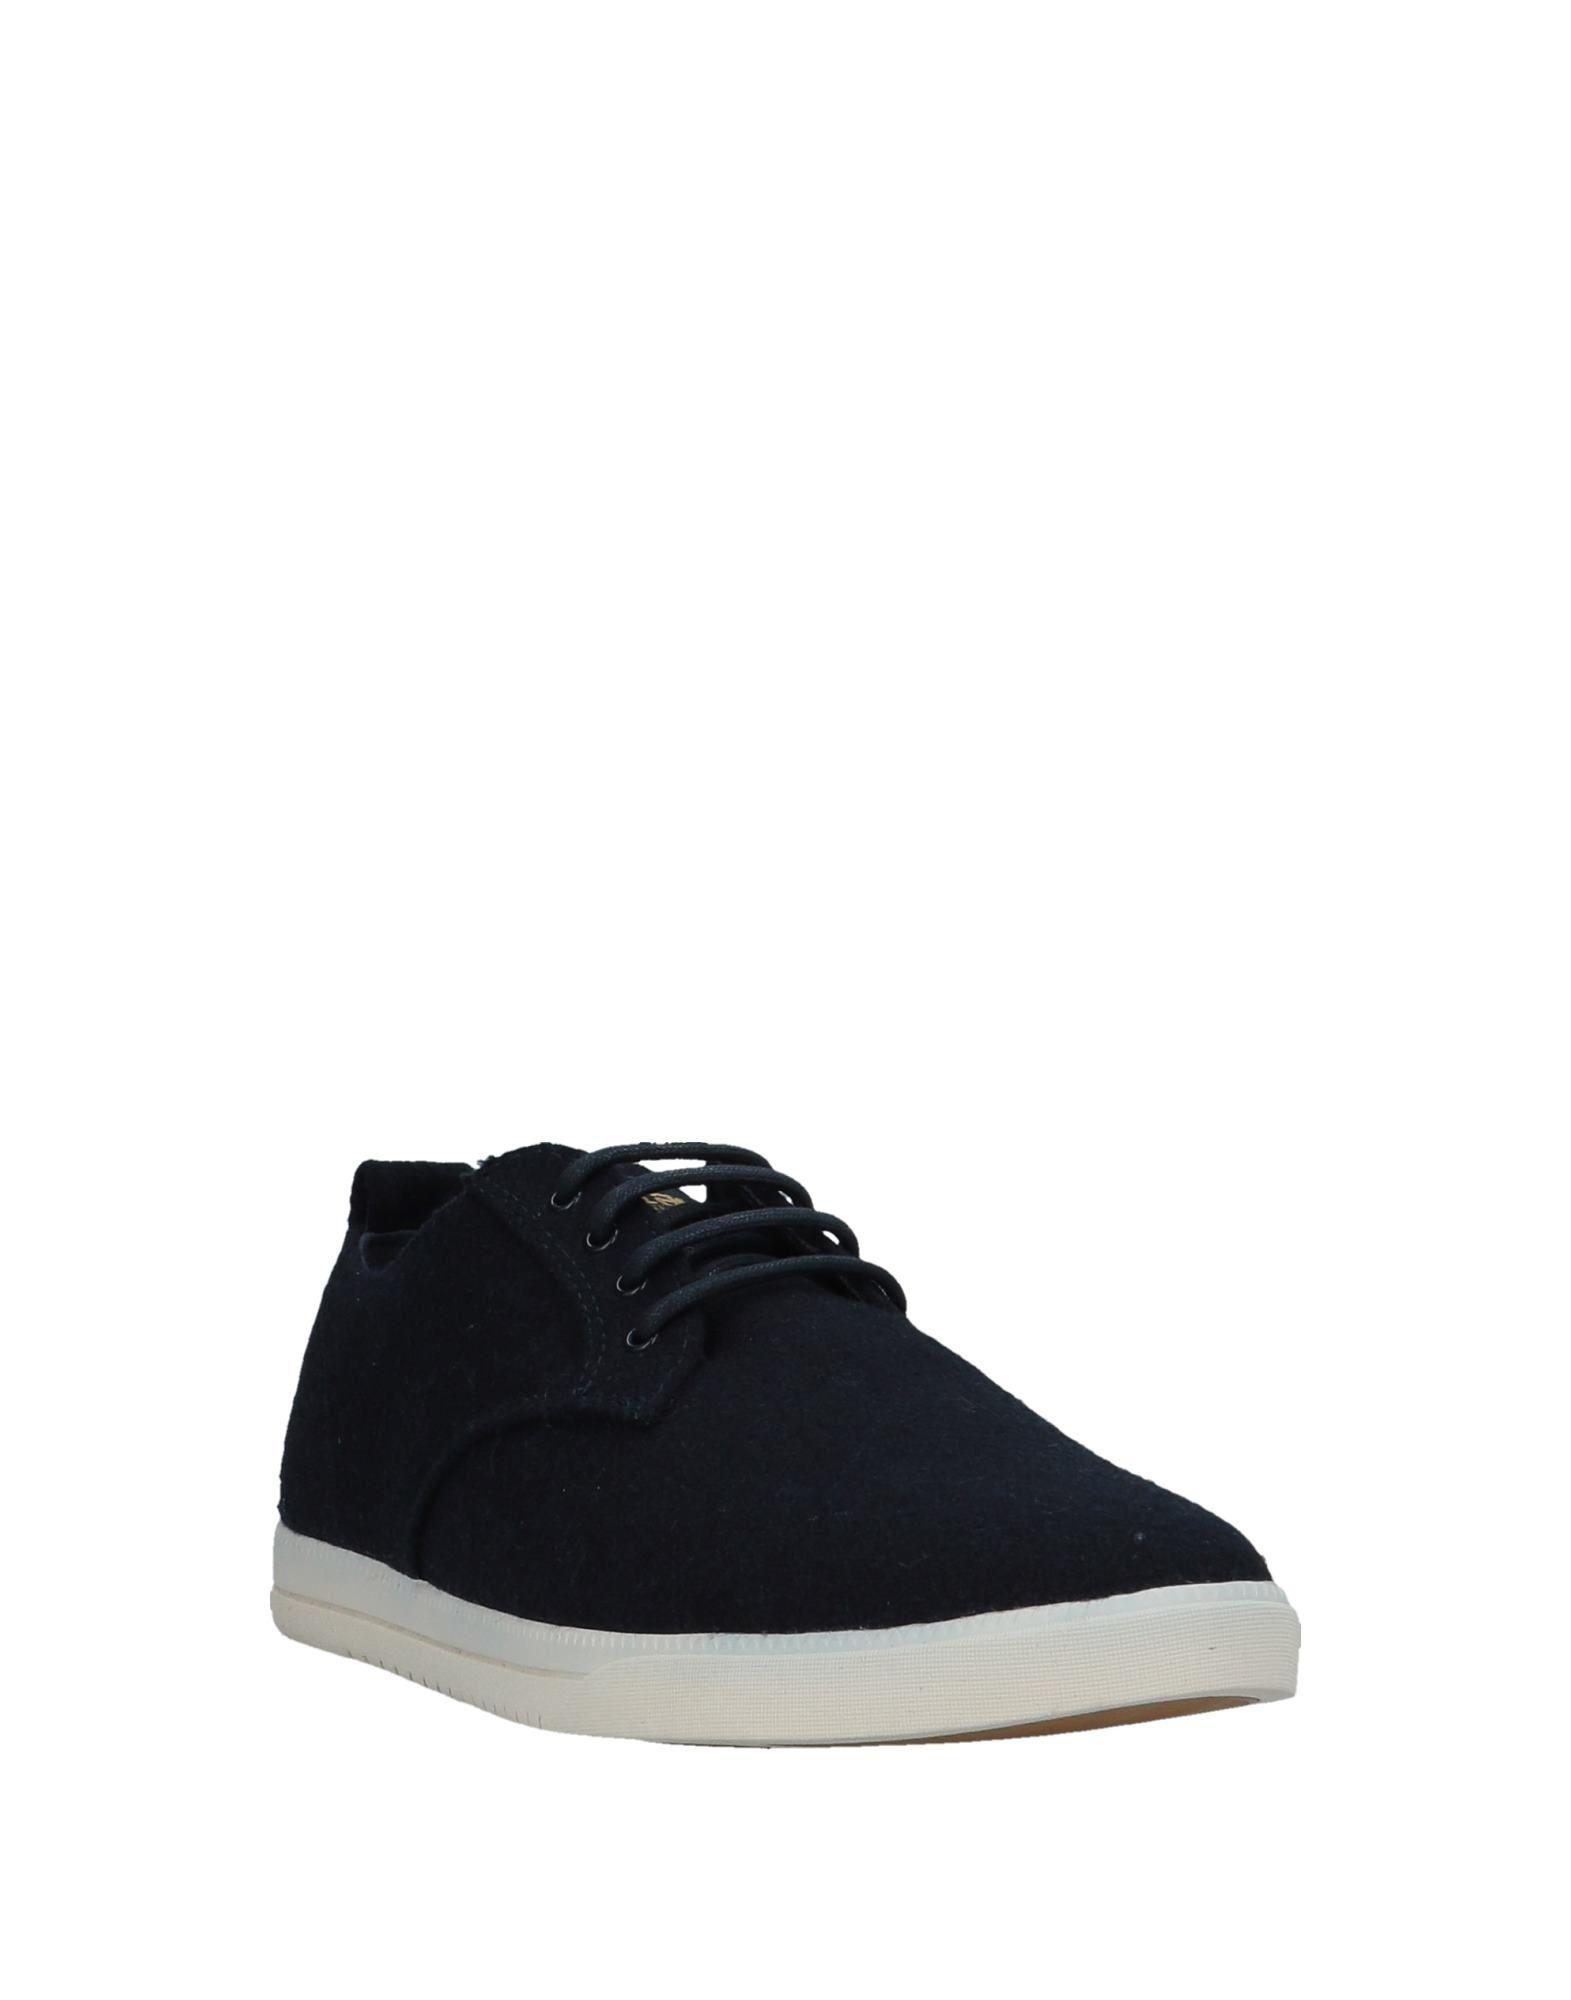 Rabatt 11543226NP echte Schuhe Clae Sneakers Herren  11543226NP Rabatt 126799